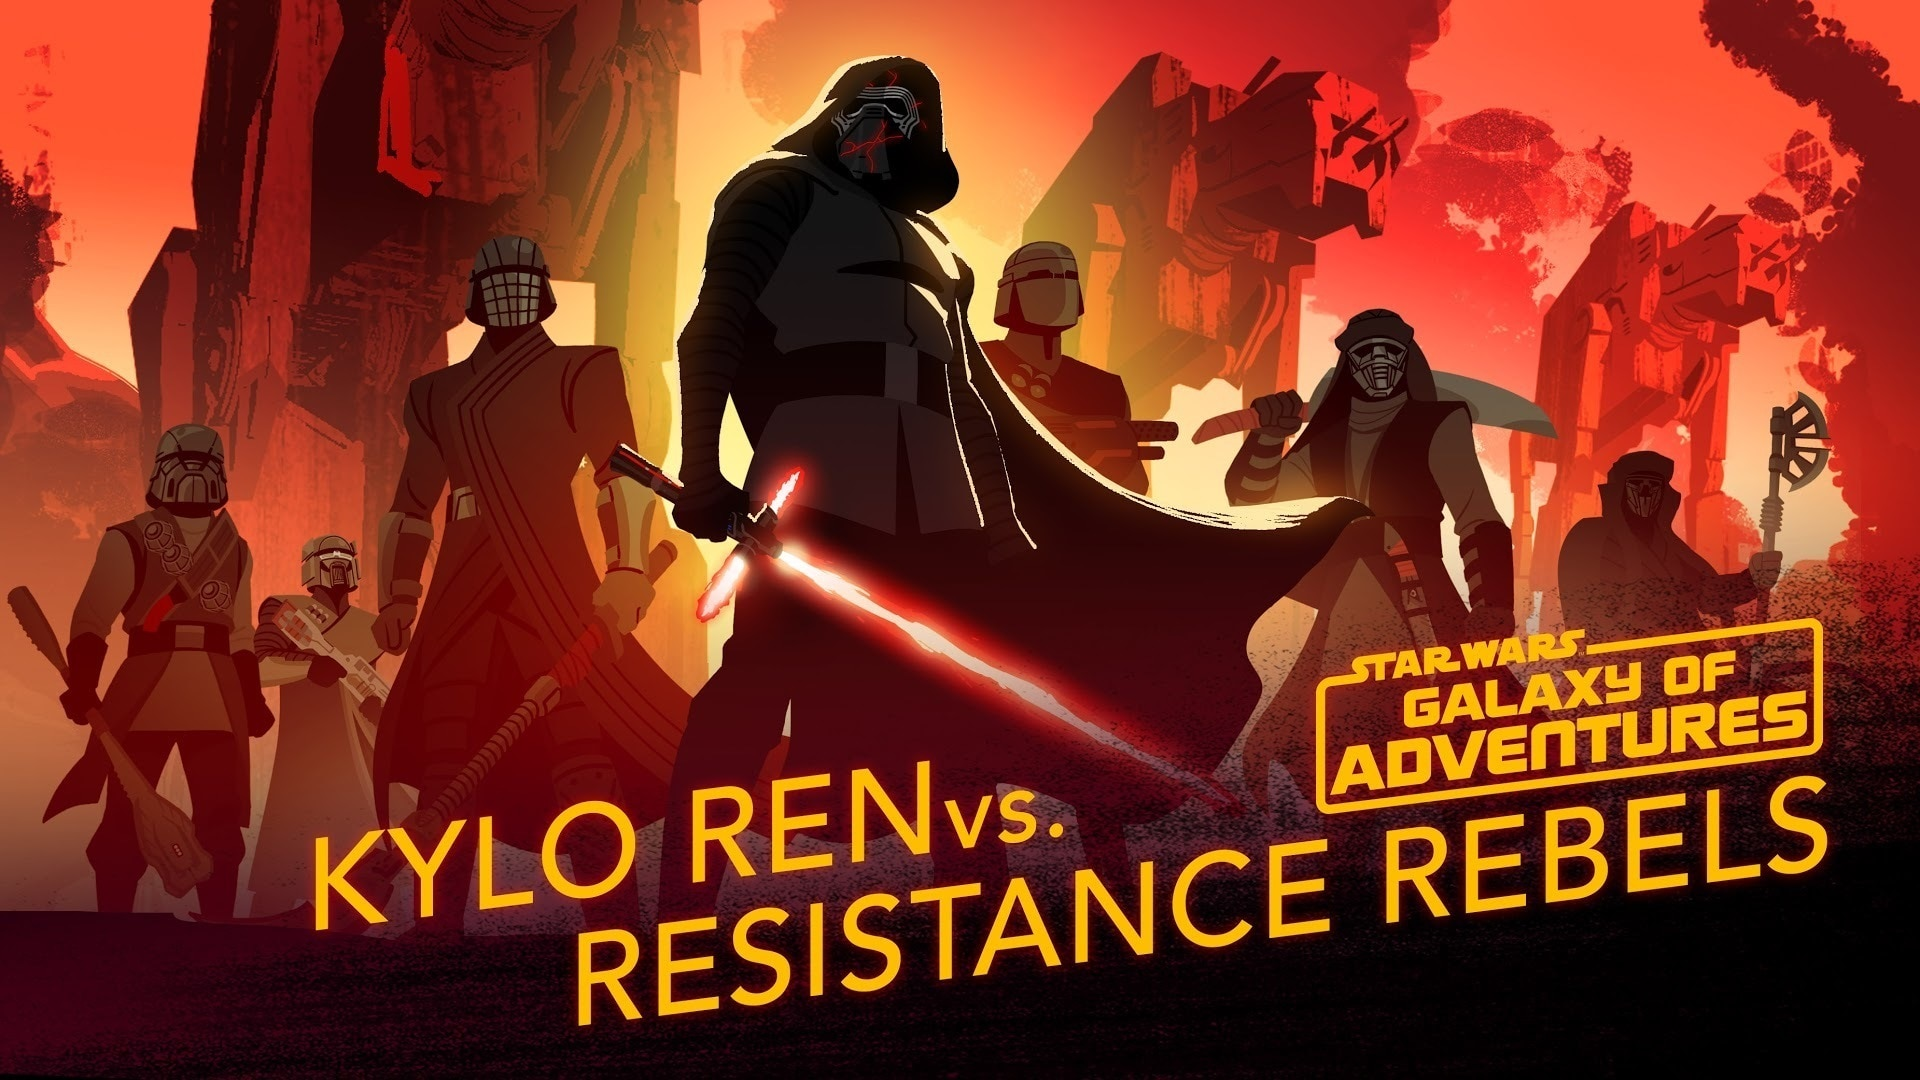 Kylo Ren vs. Resistance Rebels | Star Wars Galaxy of Adventures